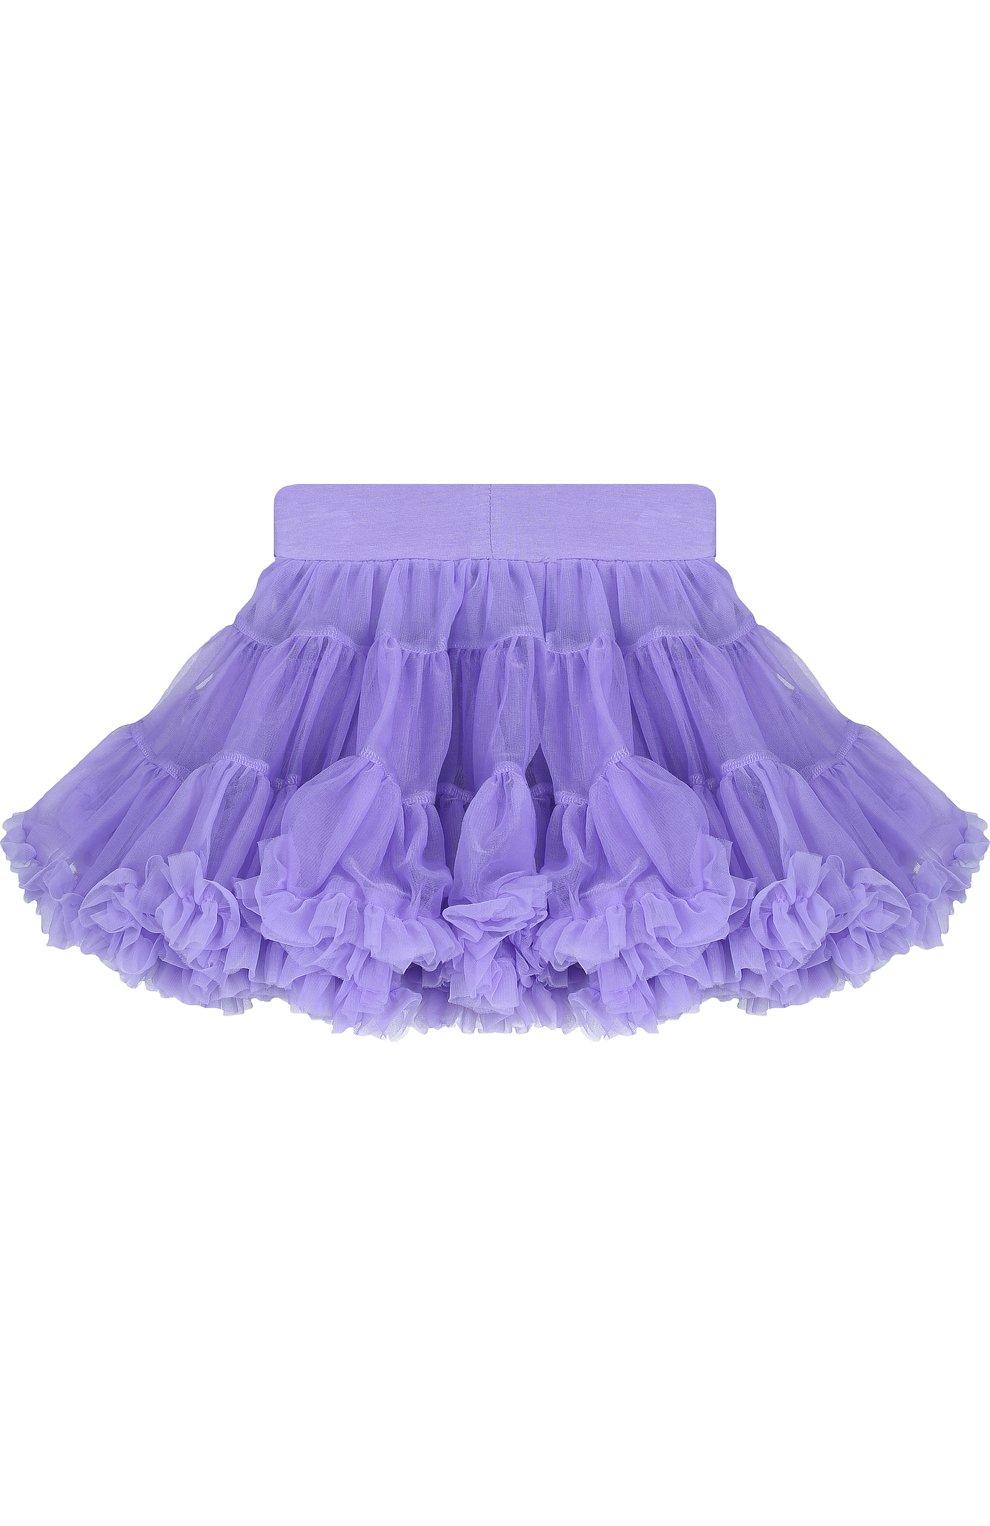 Детская многослойная мини-юбка свободного кроя с оборкой ANGEL'S FACE фиолетового цвета, арт. SKIRT/CHARMTUTU/2-7 | Фото 2